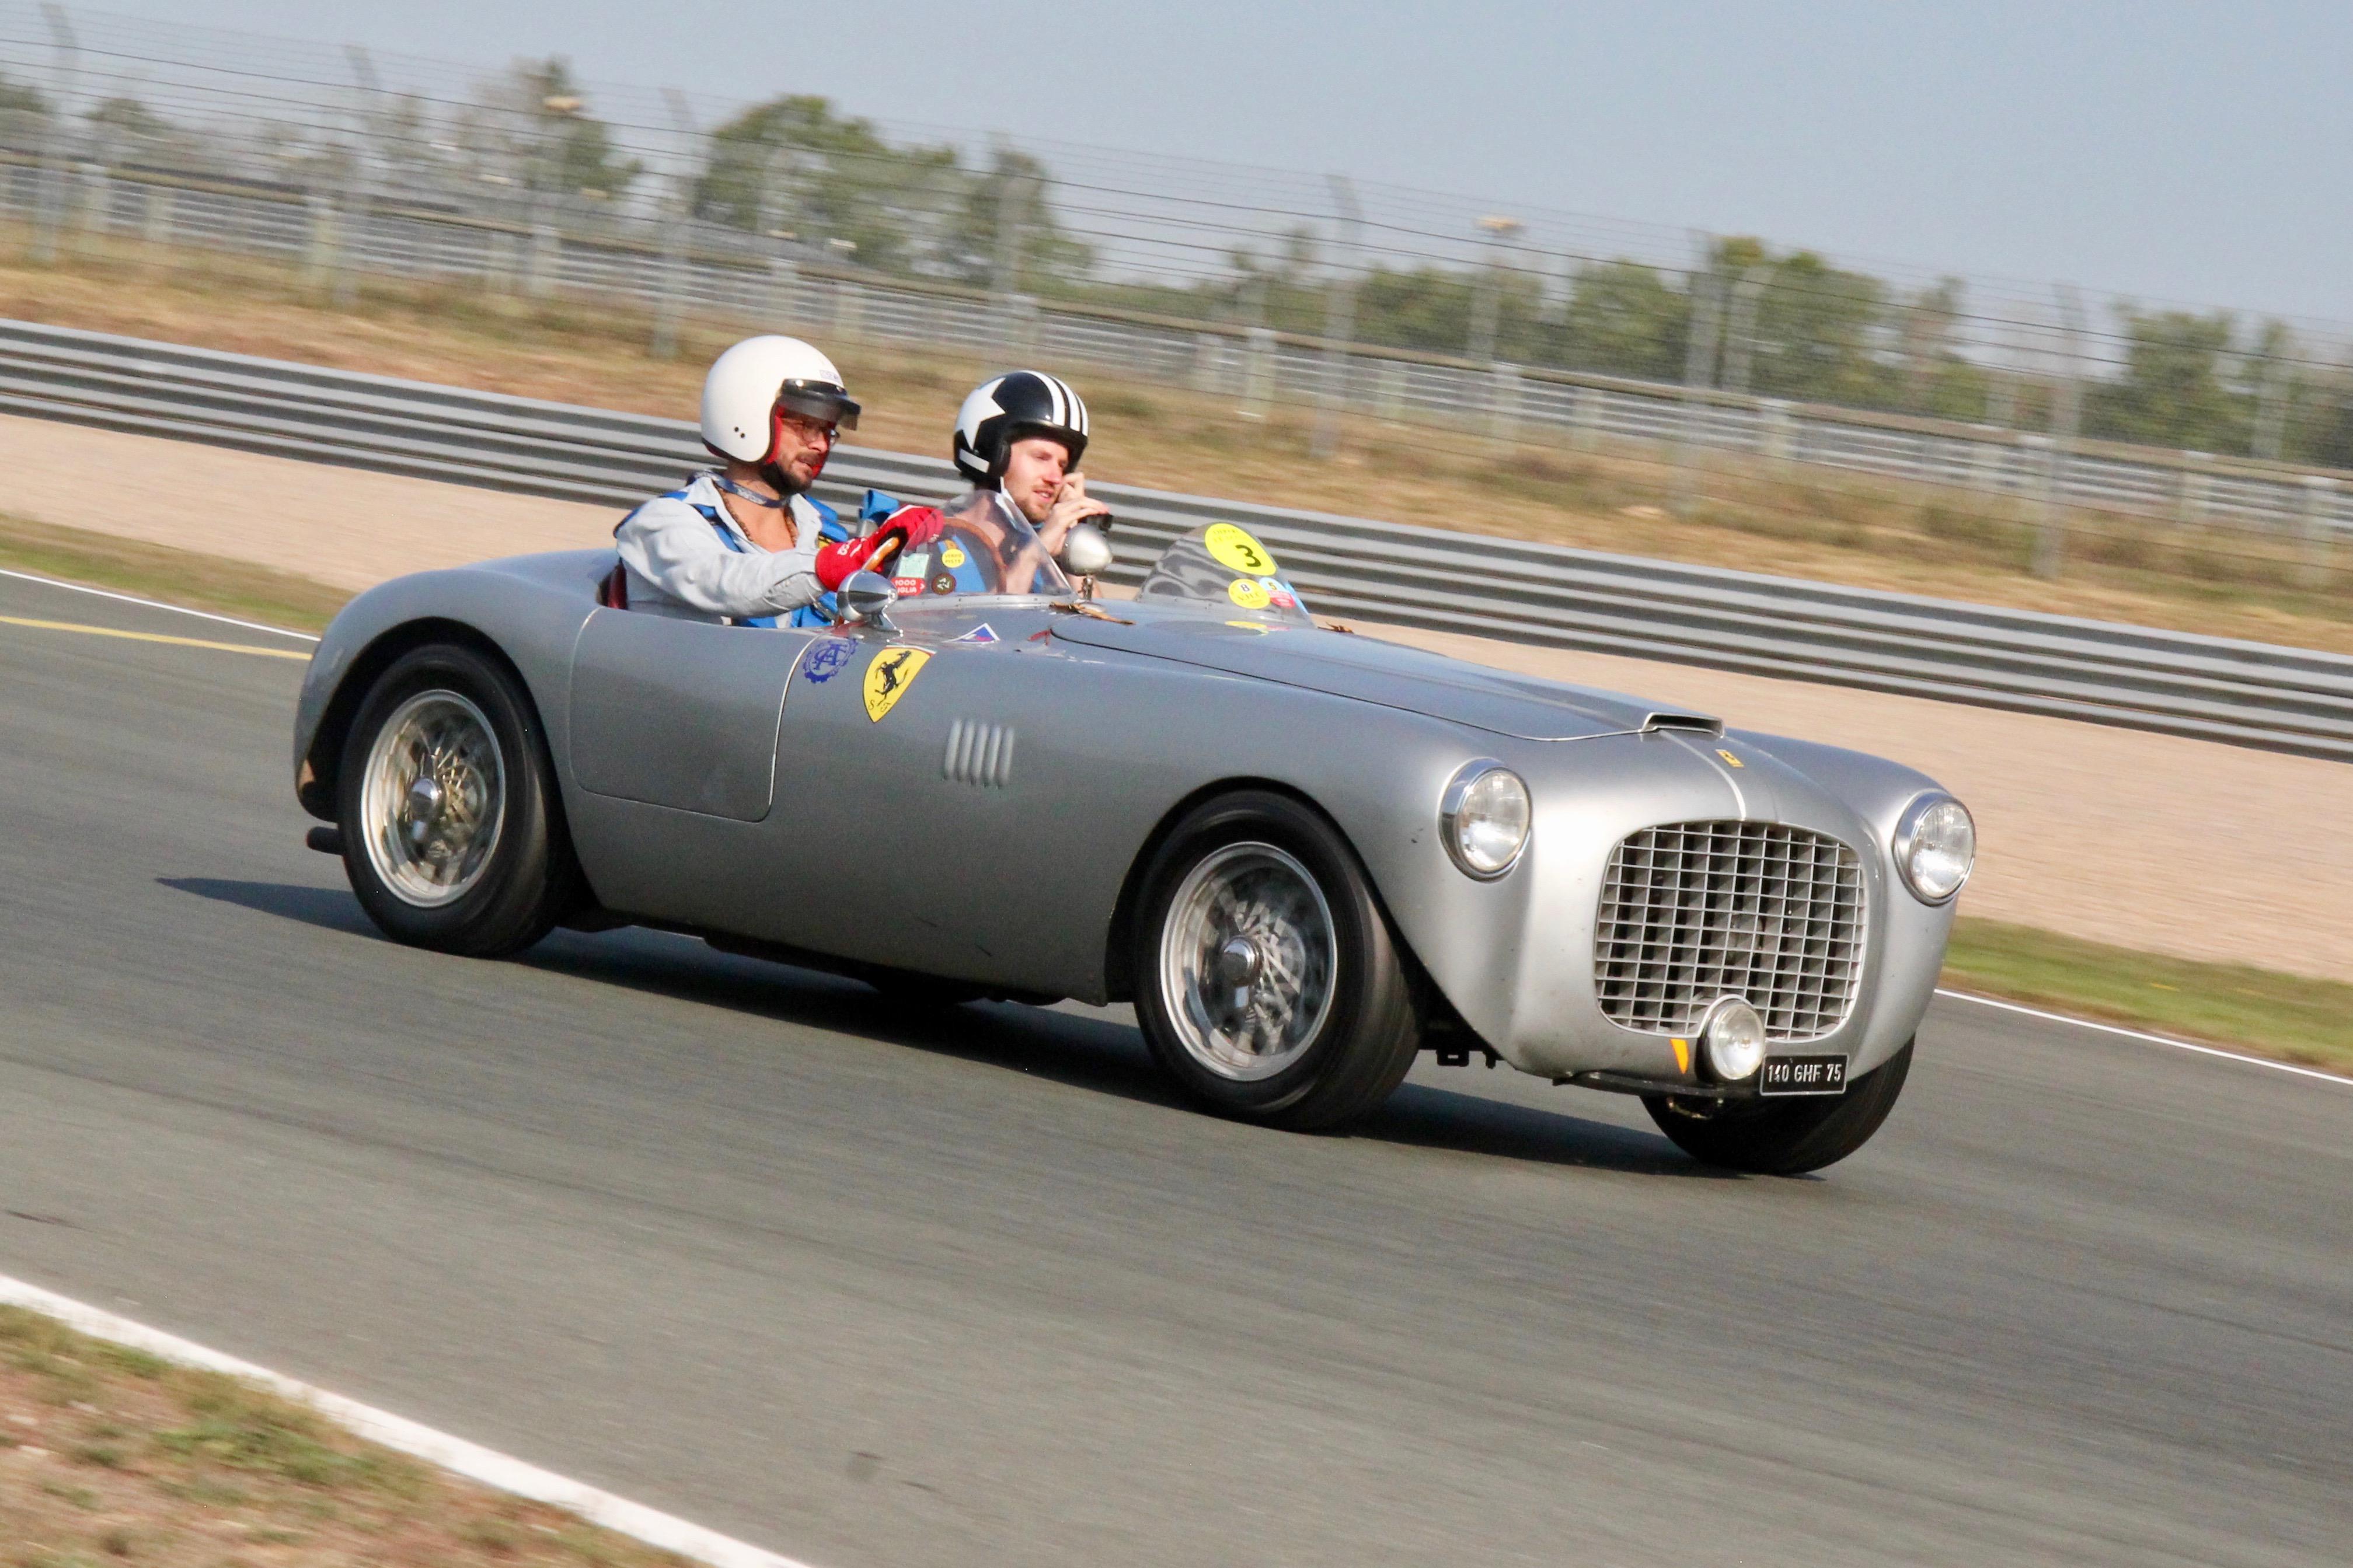 Ferrari 212 Export Motto Spyder - 1951 - front side-face / profil avant - Circuit du Vigeant - Sport et Collection - 2020 - photo Ludo Ferrari